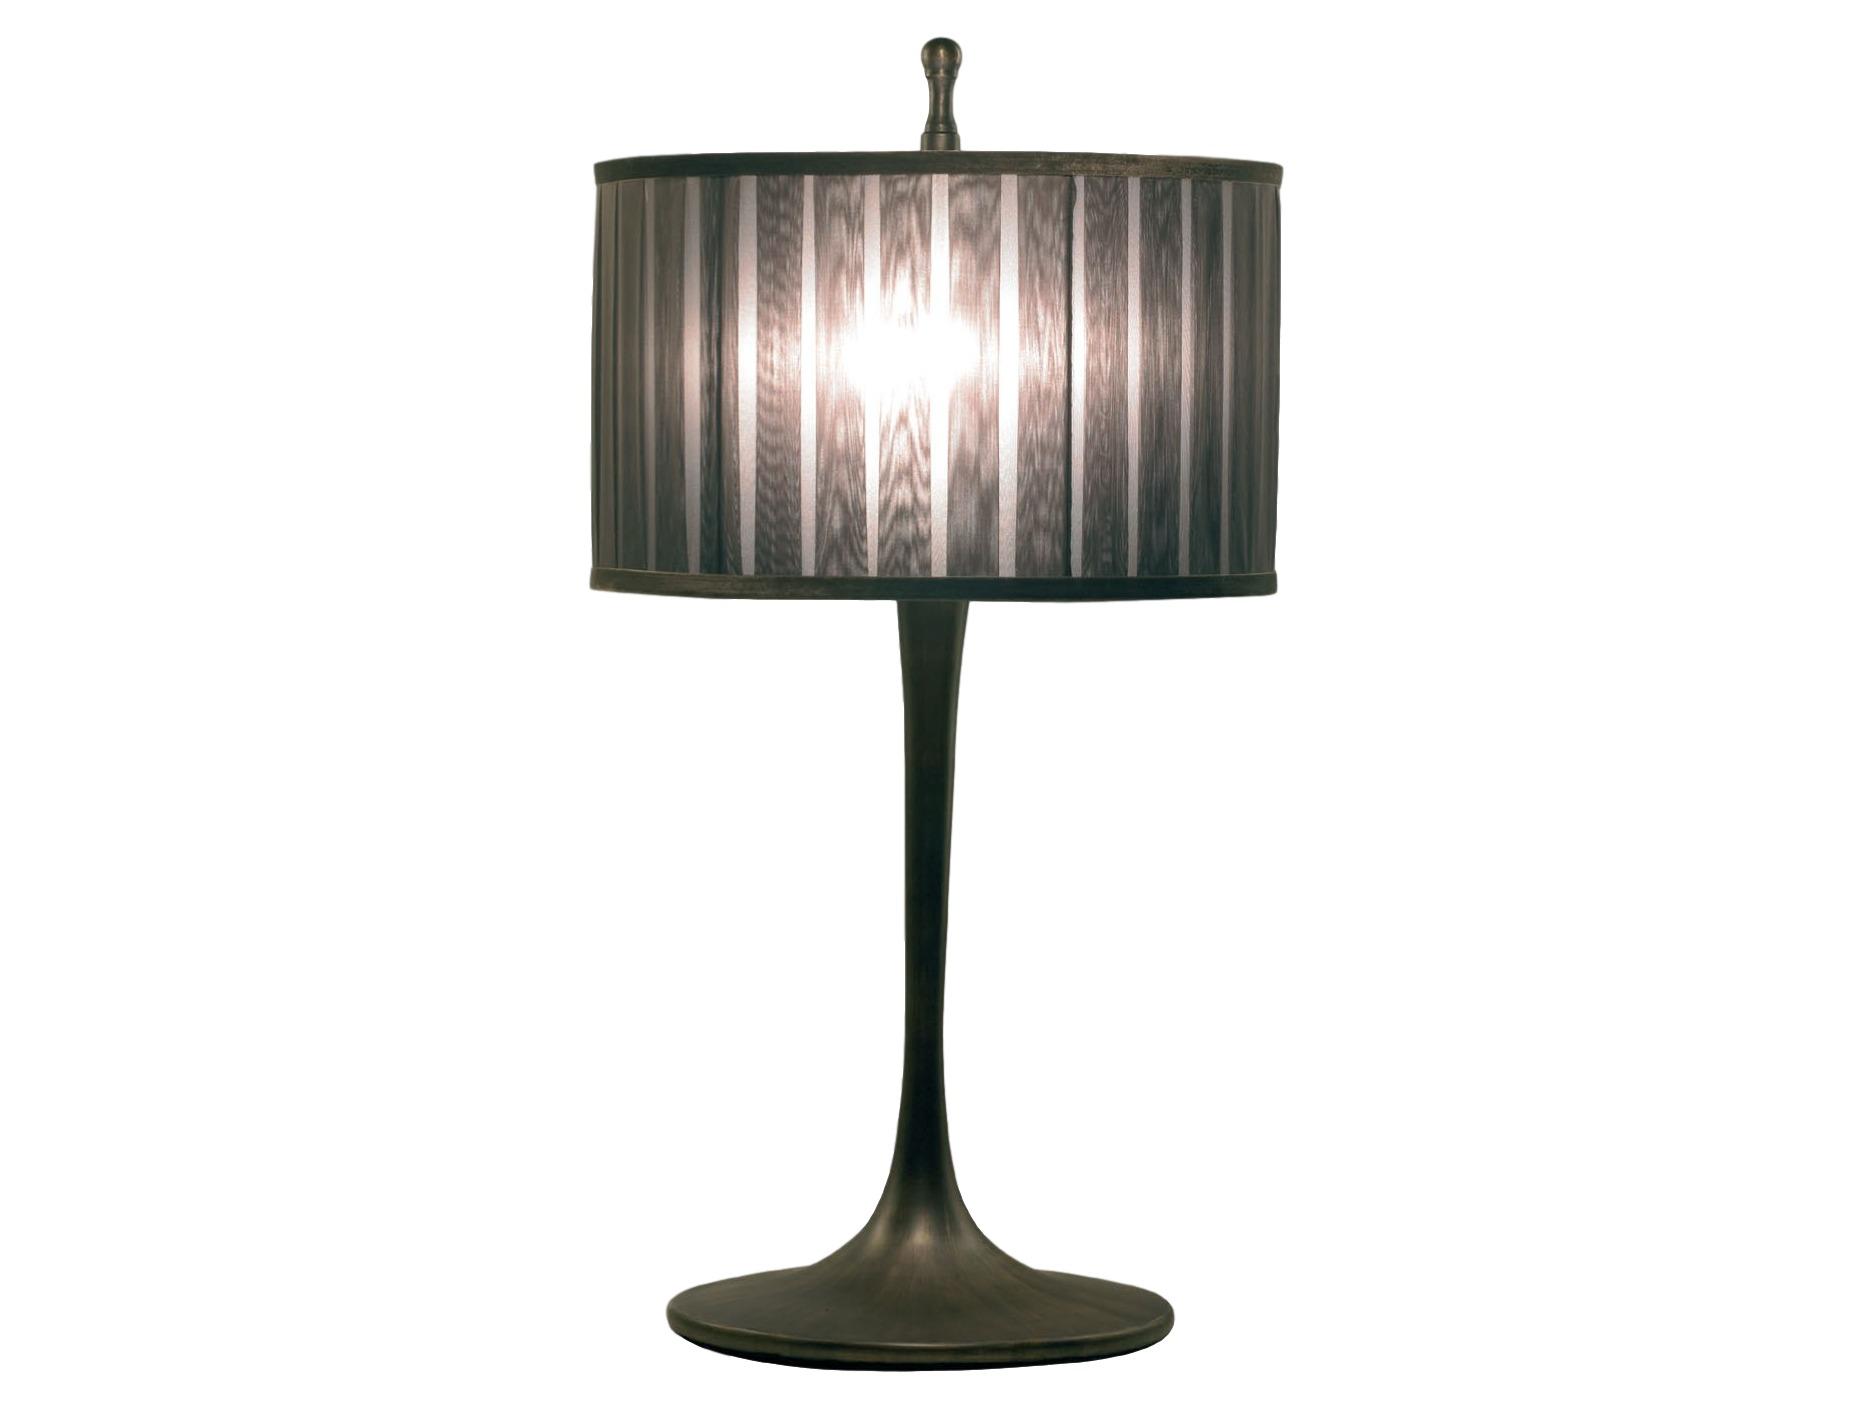 Настольный светильник LissomДекоративные лампы<br>Изящный настольный светильник на металлическом основании.&amp;lt;div&amp;gt;&amp;lt;br&amp;gt;&amp;lt;/div&amp;gt;&amp;lt;div&amp;gt;Цоколь: Е27&amp;lt;/div&amp;gt;&amp;lt;div&amp;gt;Мощность: 40W&amp;lt;/div&amp;gt;&amp;lt;div&amp;gt;Количество ламп:1 (в комплект не входит)&amp;lt;/div&amp;gt;<br><br>Material: Металл<br>Height см: 78<br>Diameter см: 40